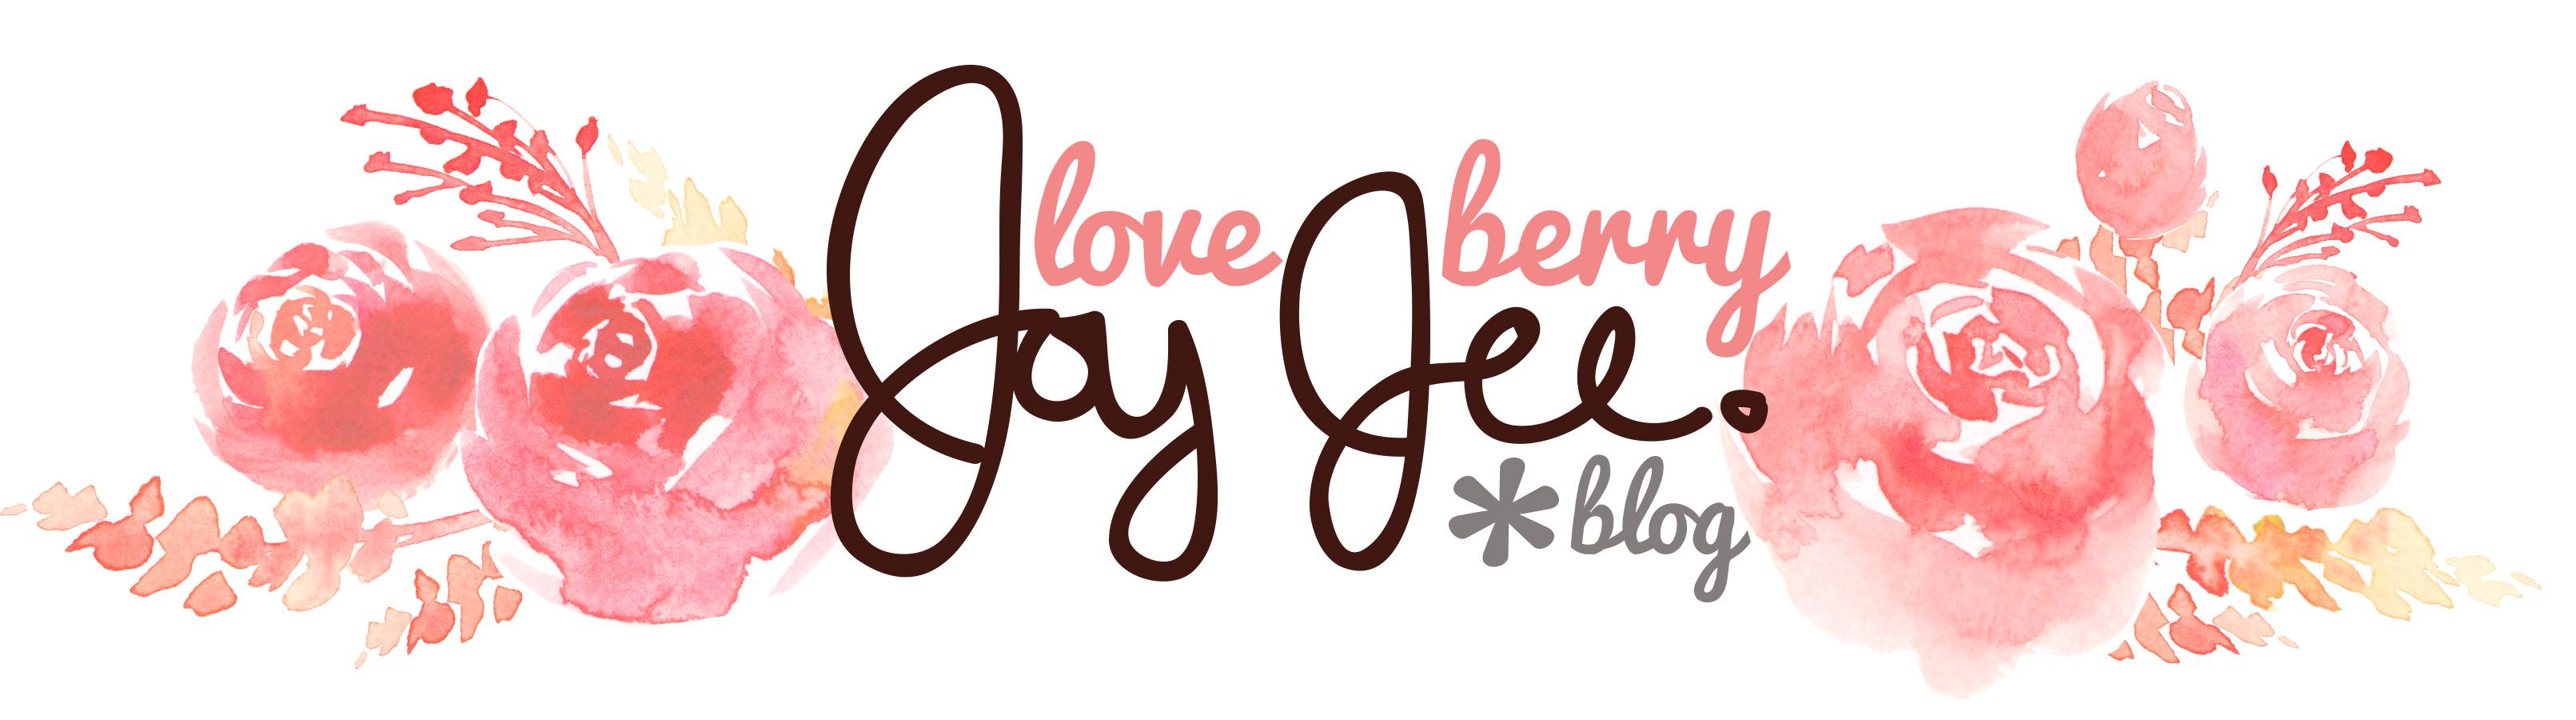 LoveBerry JoyJee